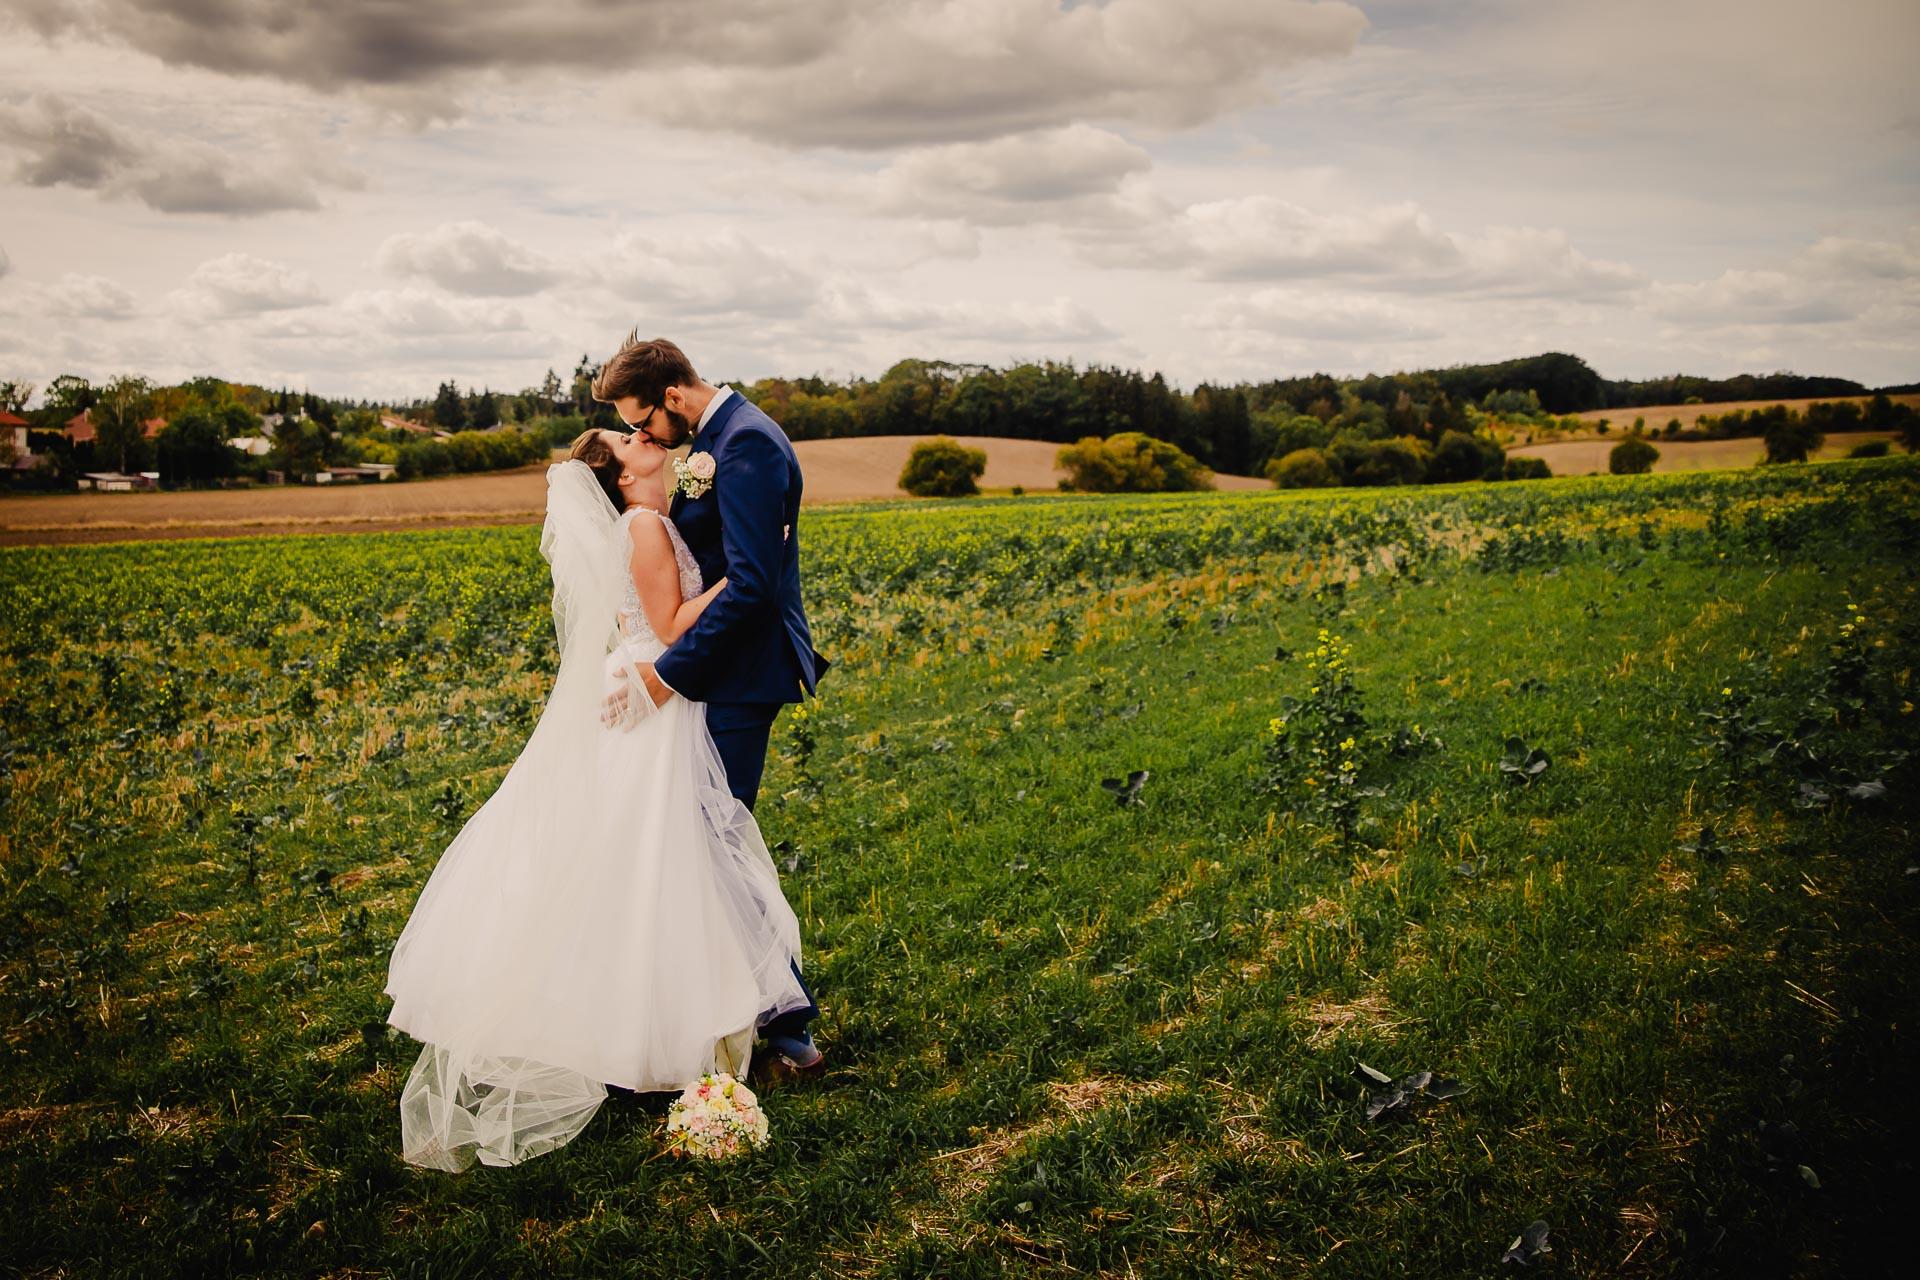 svatební fotograf Praha,svatba střední čechy, církevní obřad, svatba v kostele, nejhezčí svatební fotografie-2928